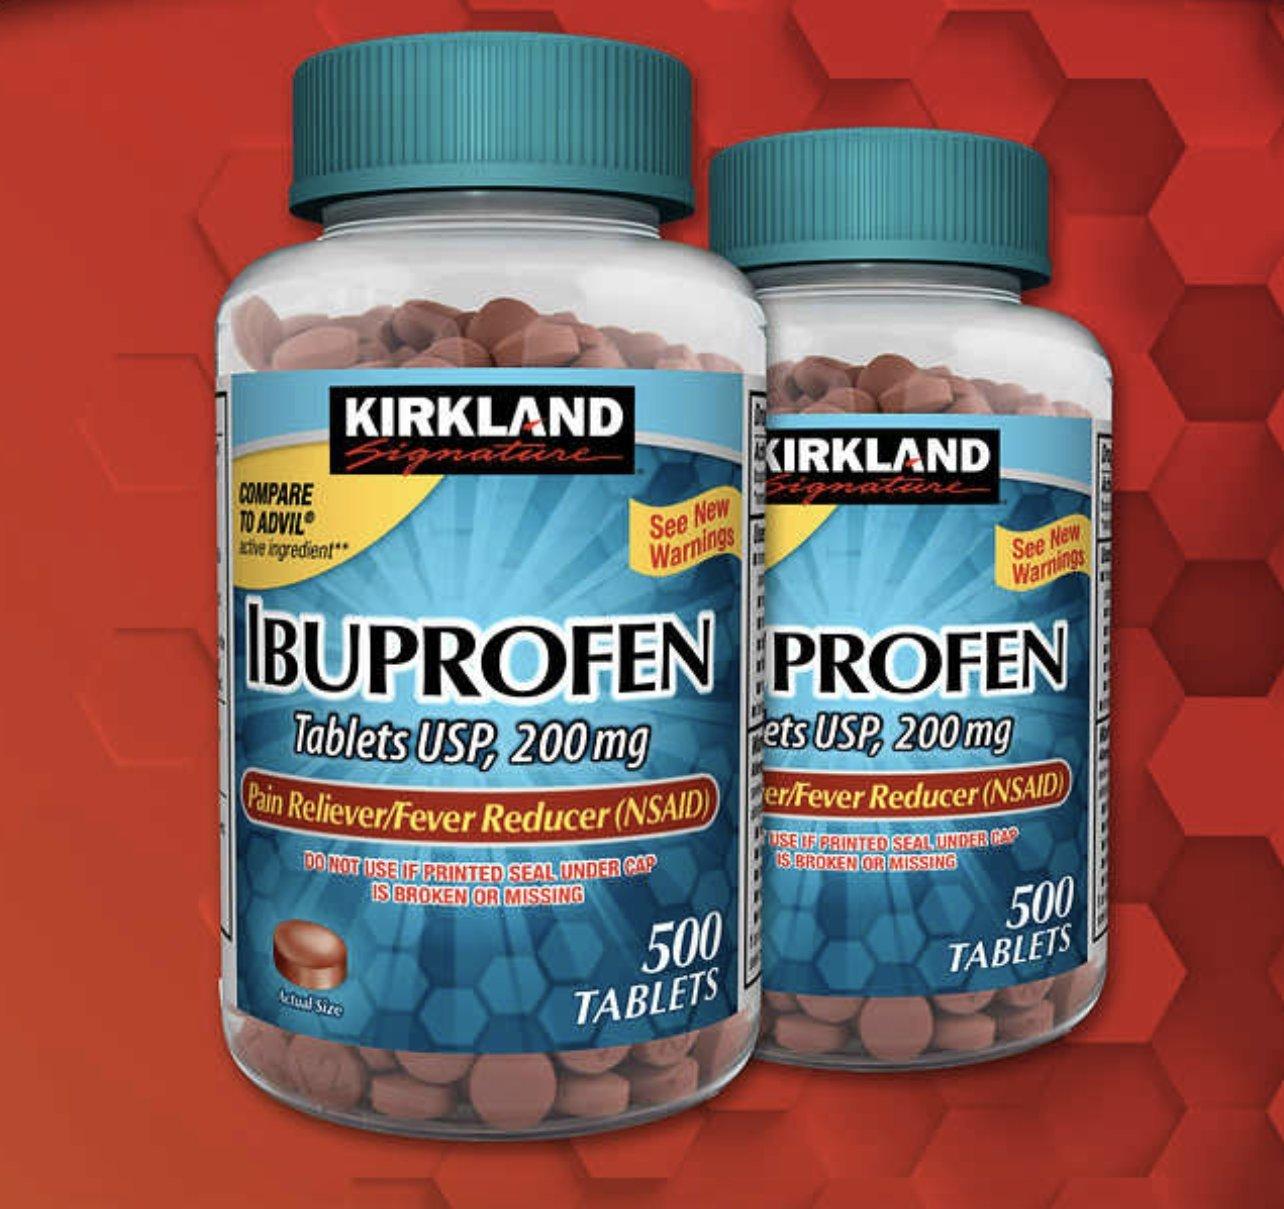 Kirkland Signature Ibuprofen, 200 mg (1000 Count)